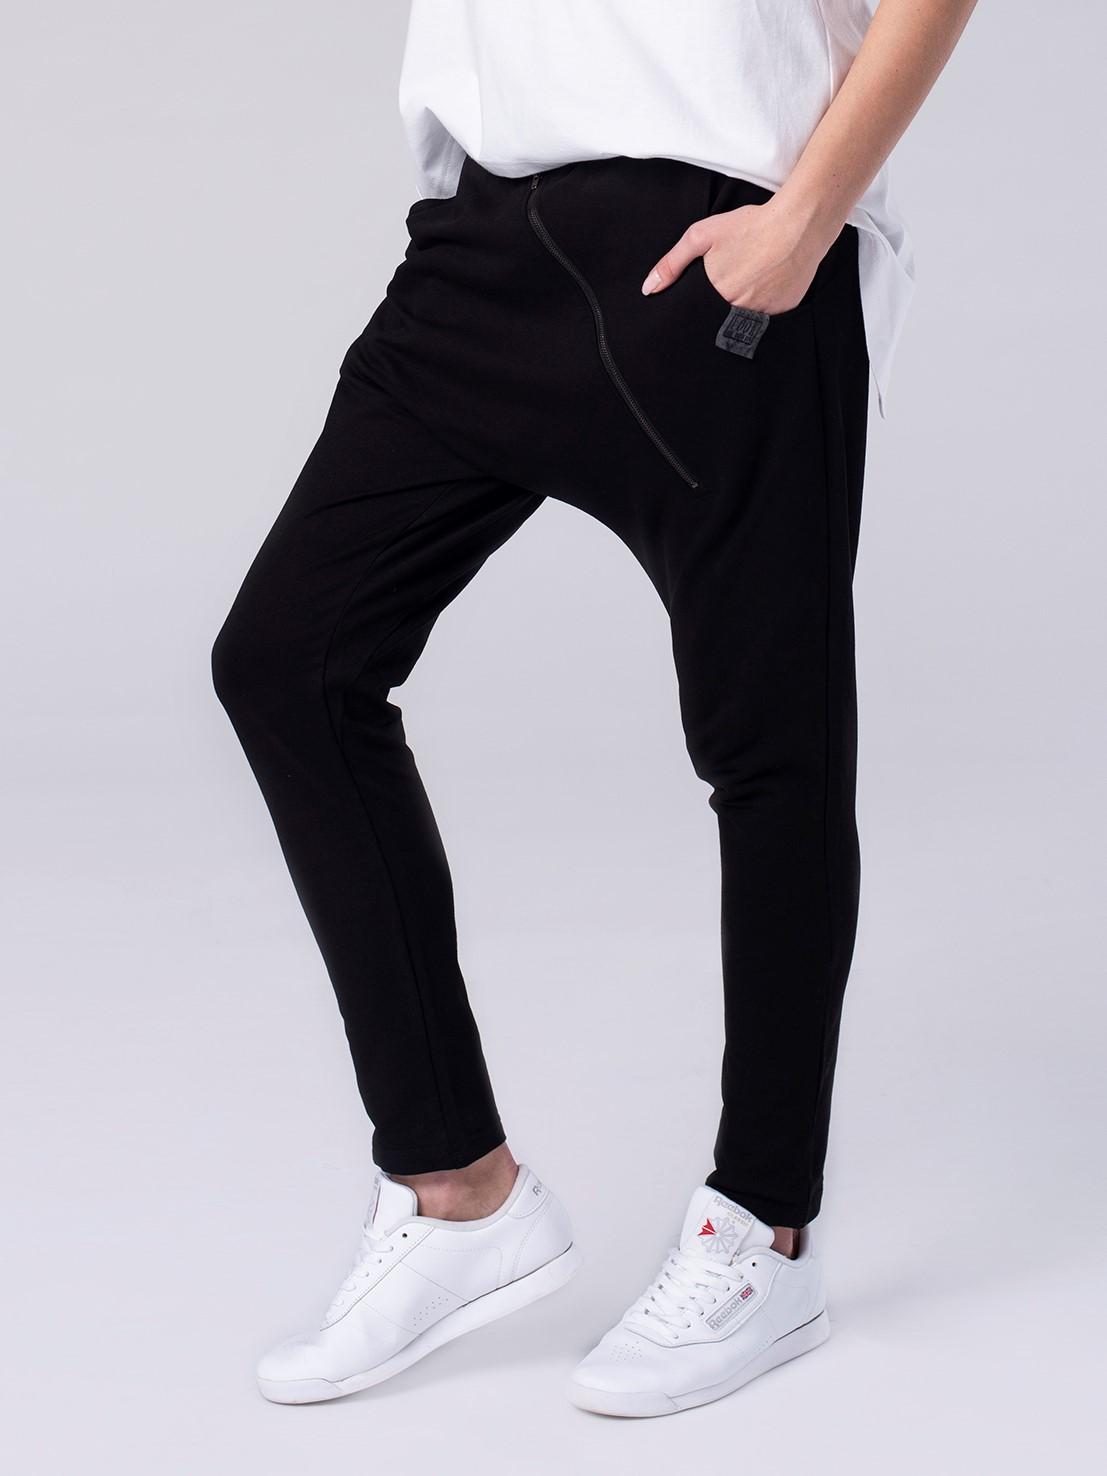 Spodnie z dżerseju bawełniane Tea Look 702 - LOOK made with Love | JestemSlow.pl